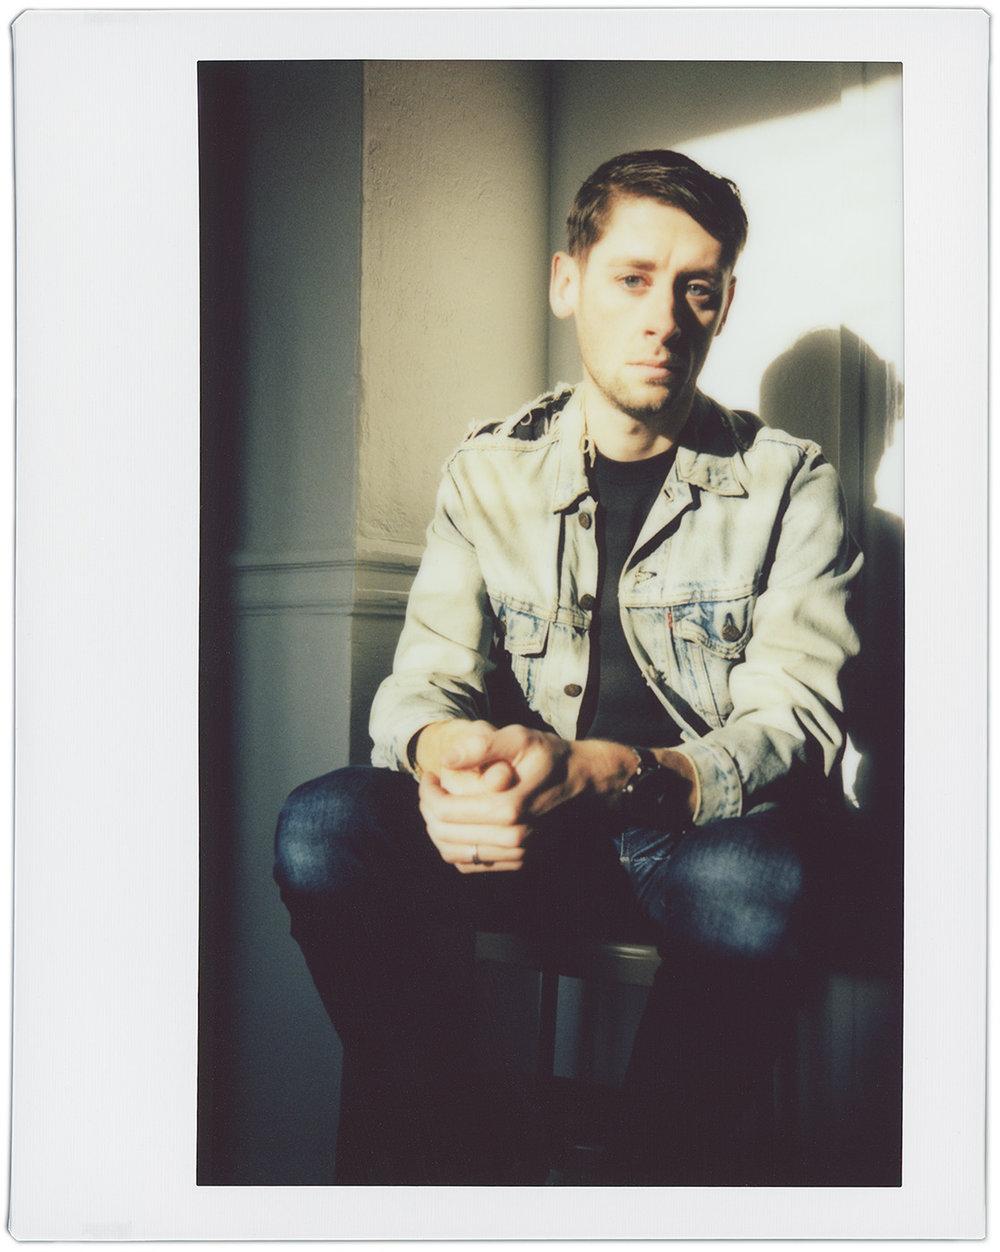 Mathew Scheiner, Multi-instrumentalist, Singer, Songwriter & Producer (USA)